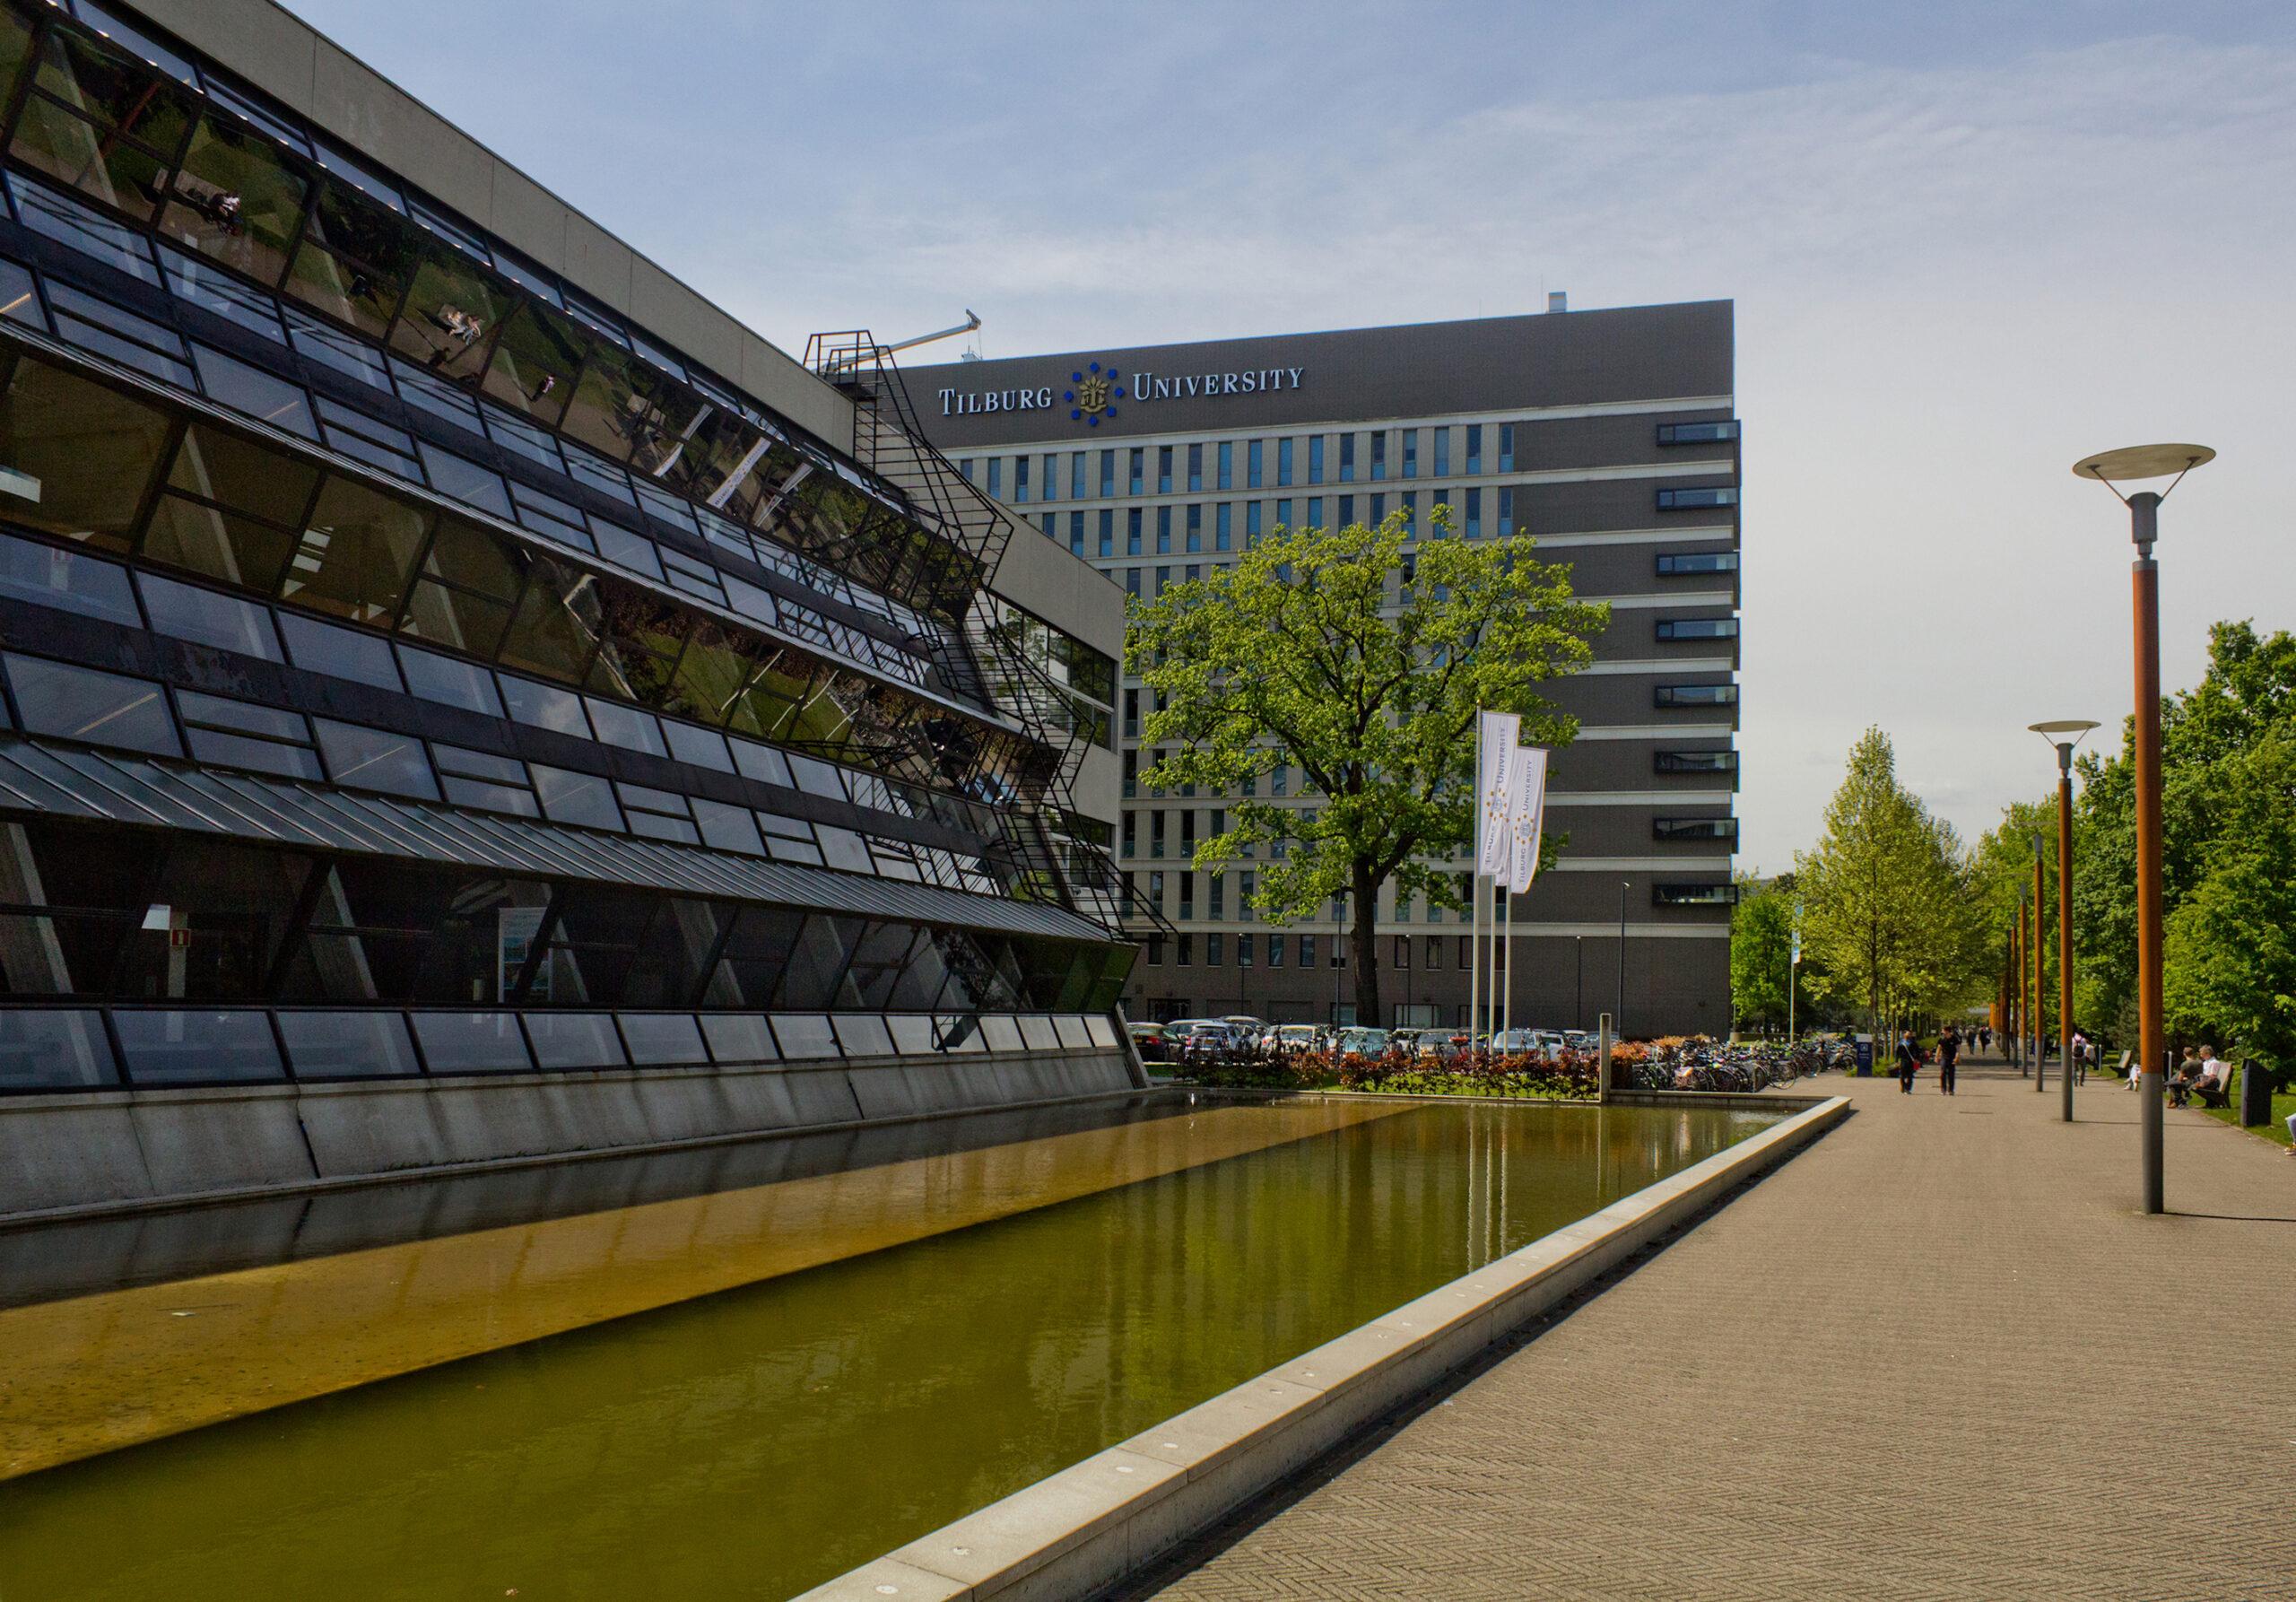 melhores-escolas-de-economi-da-europa-tilburg